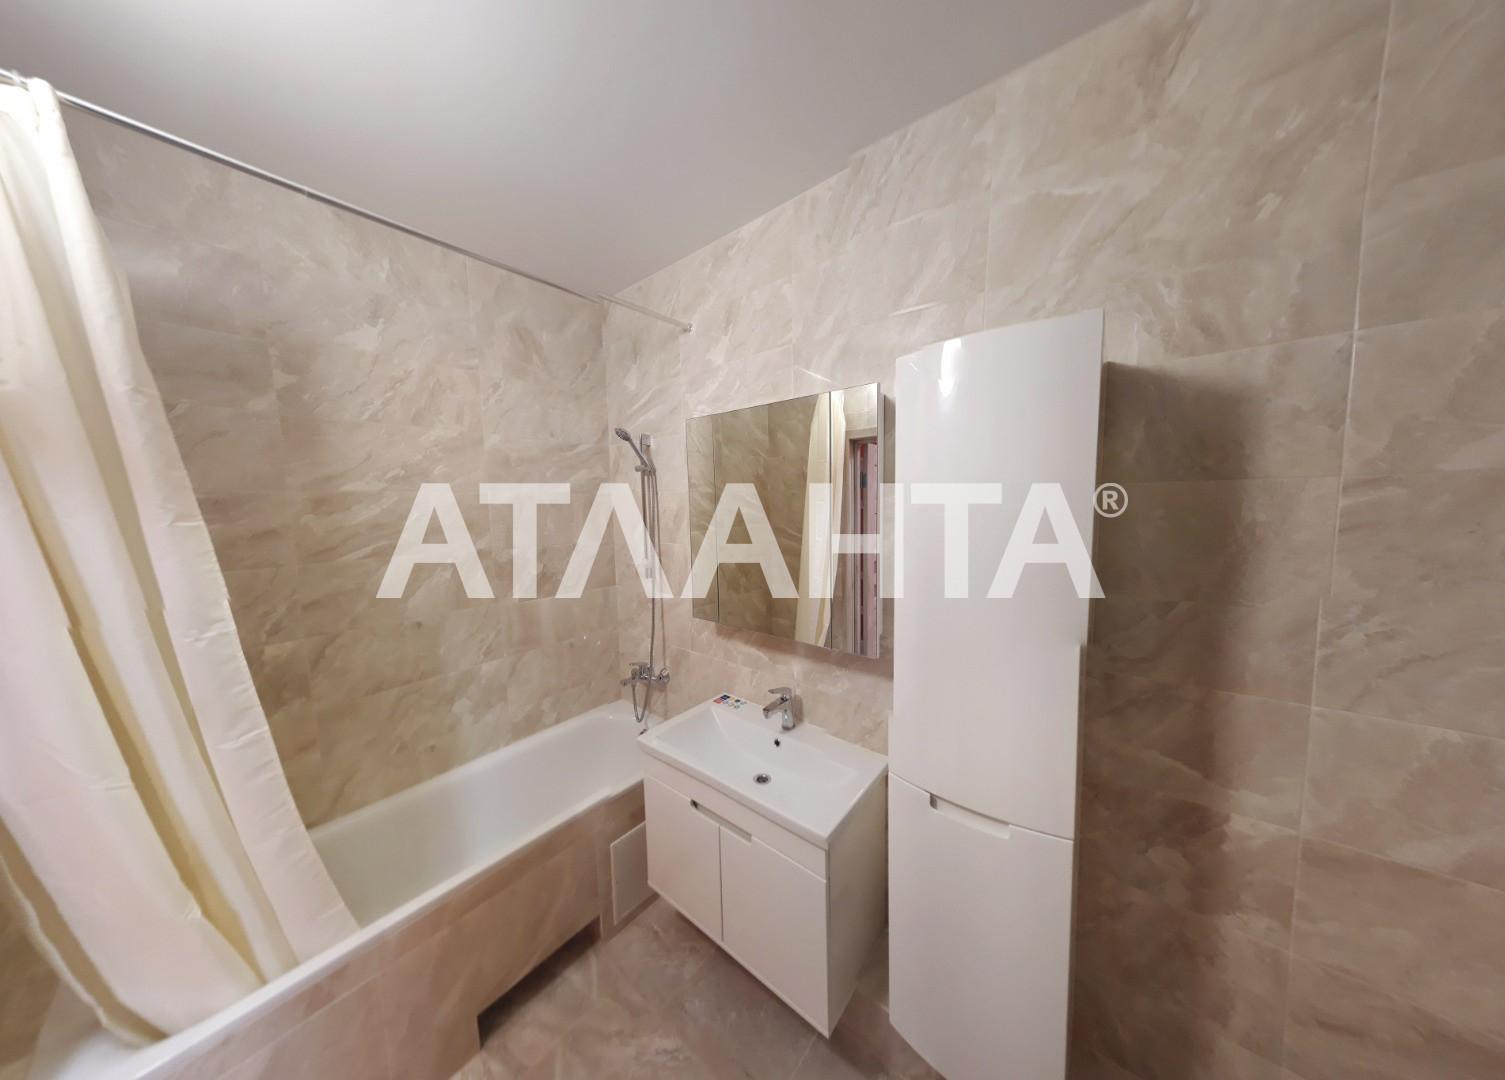 Продается 2-комнатная Квартира на ул. Академика Вильямса — 127 000 у.е. (фото №8)